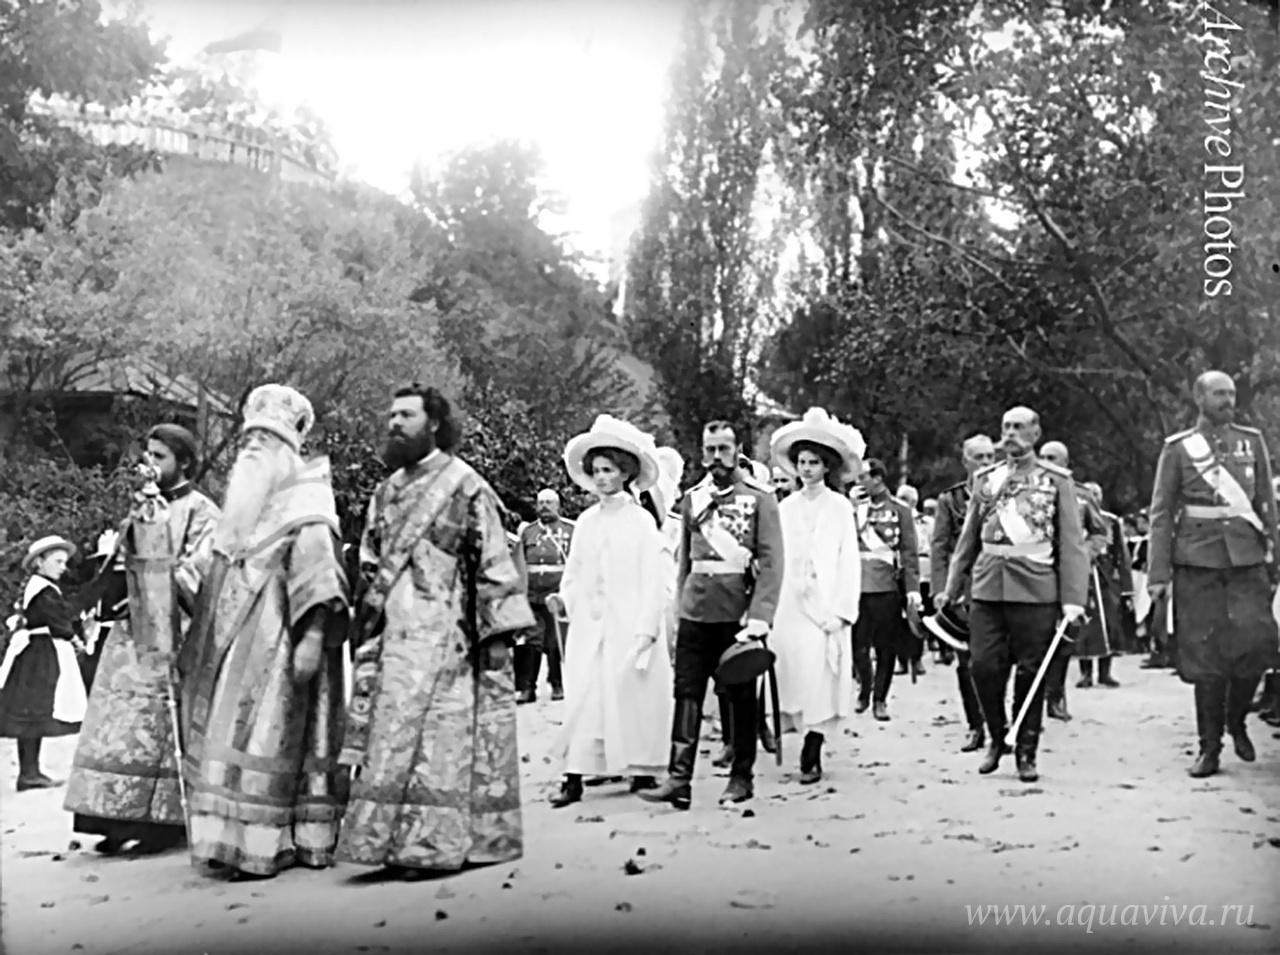 Николай II с семьей в Киево-Печерской лавре. Конец августа 1911 года